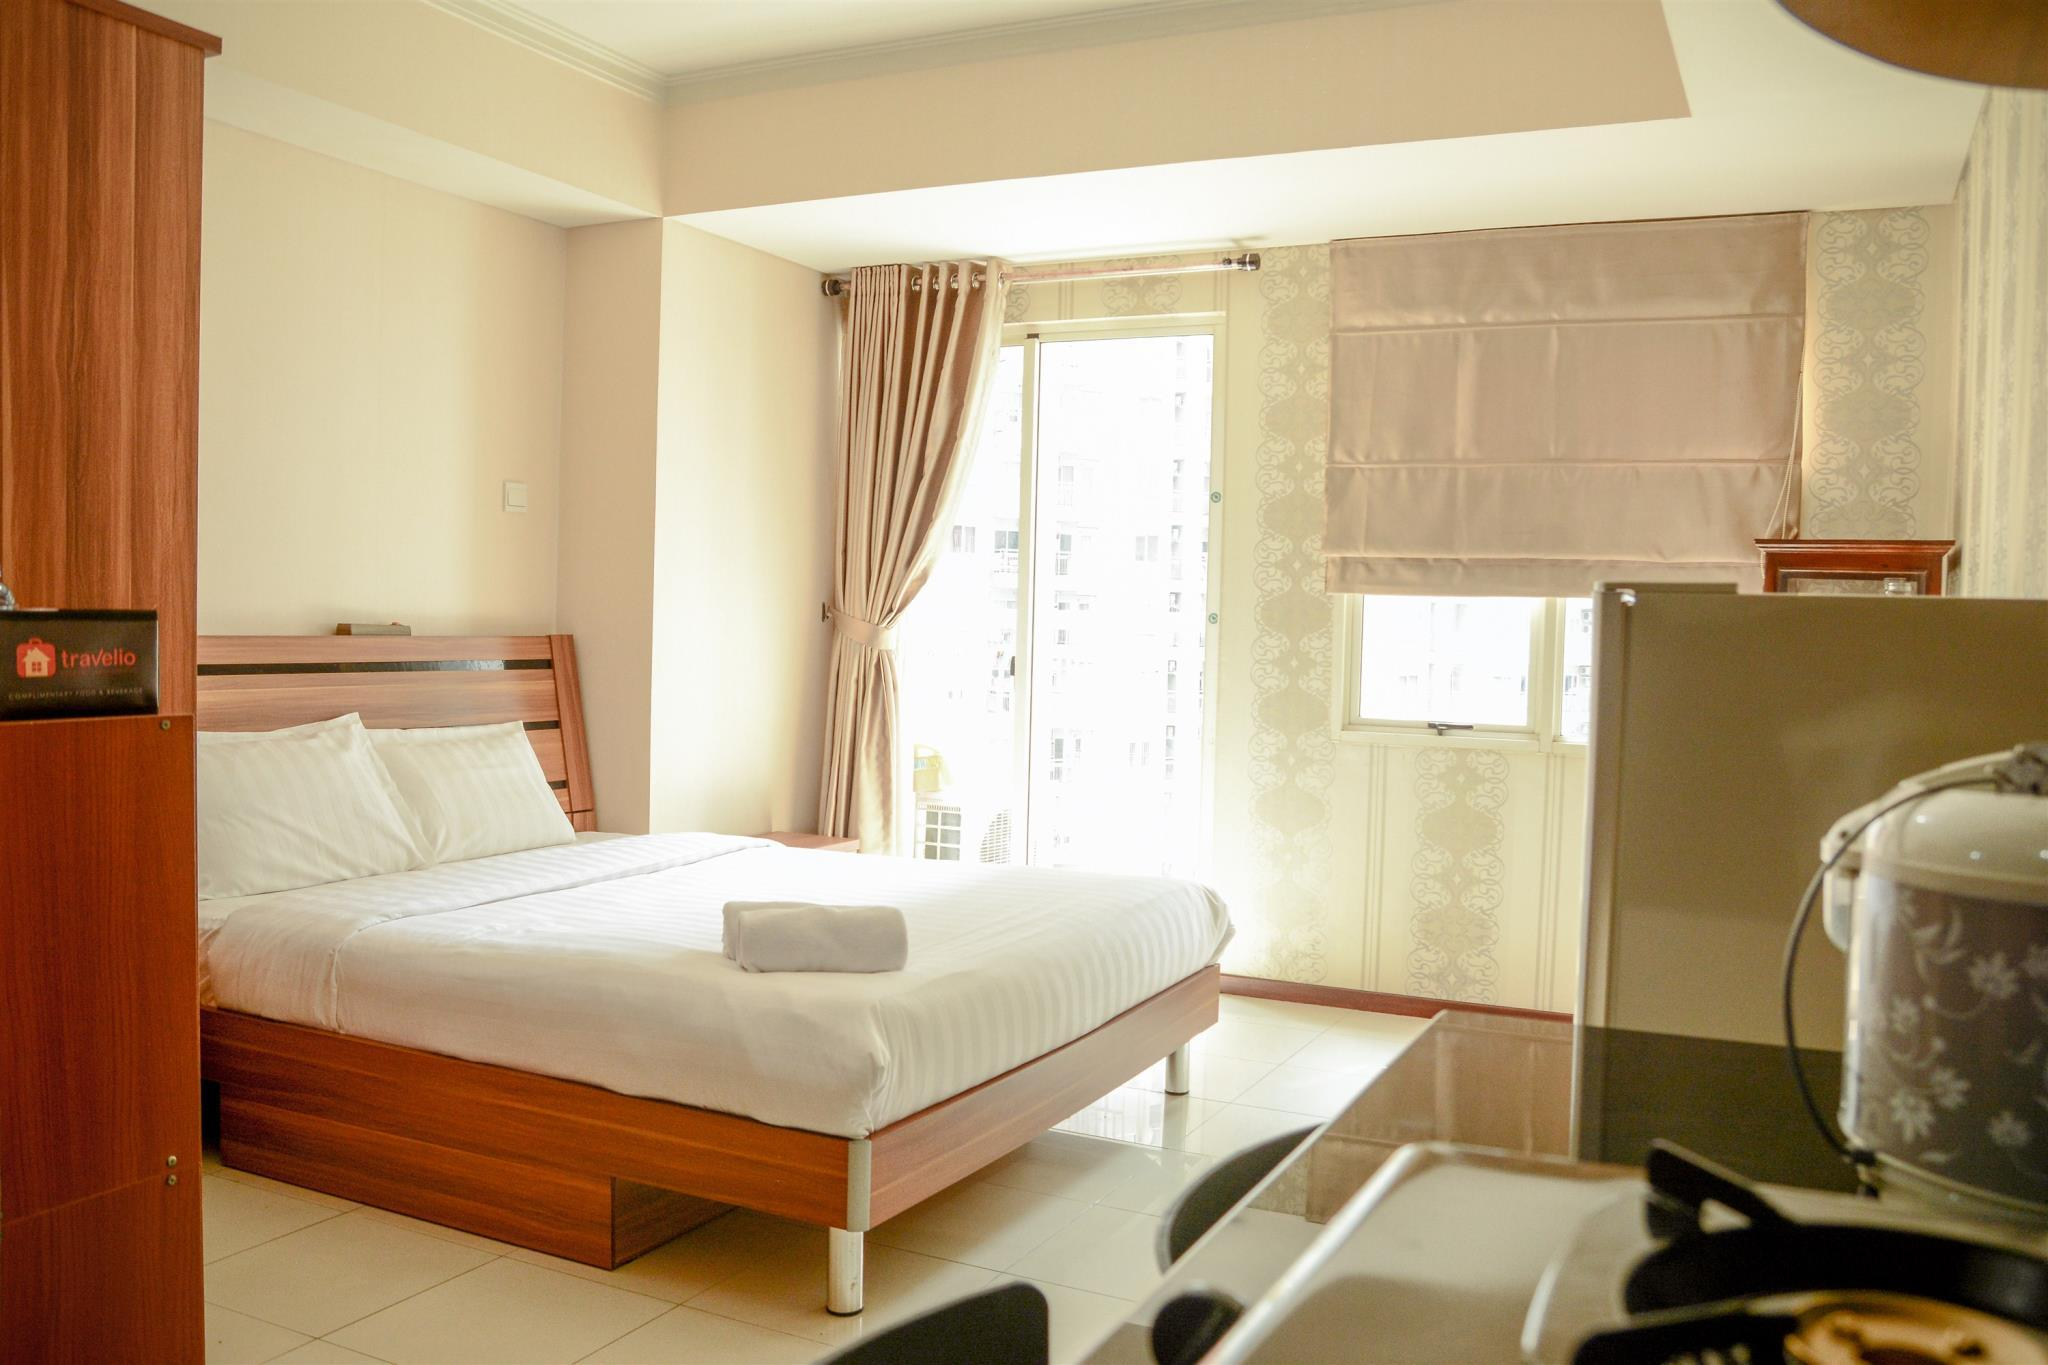 Studio Room Royal Mediterania Apartment Travelio